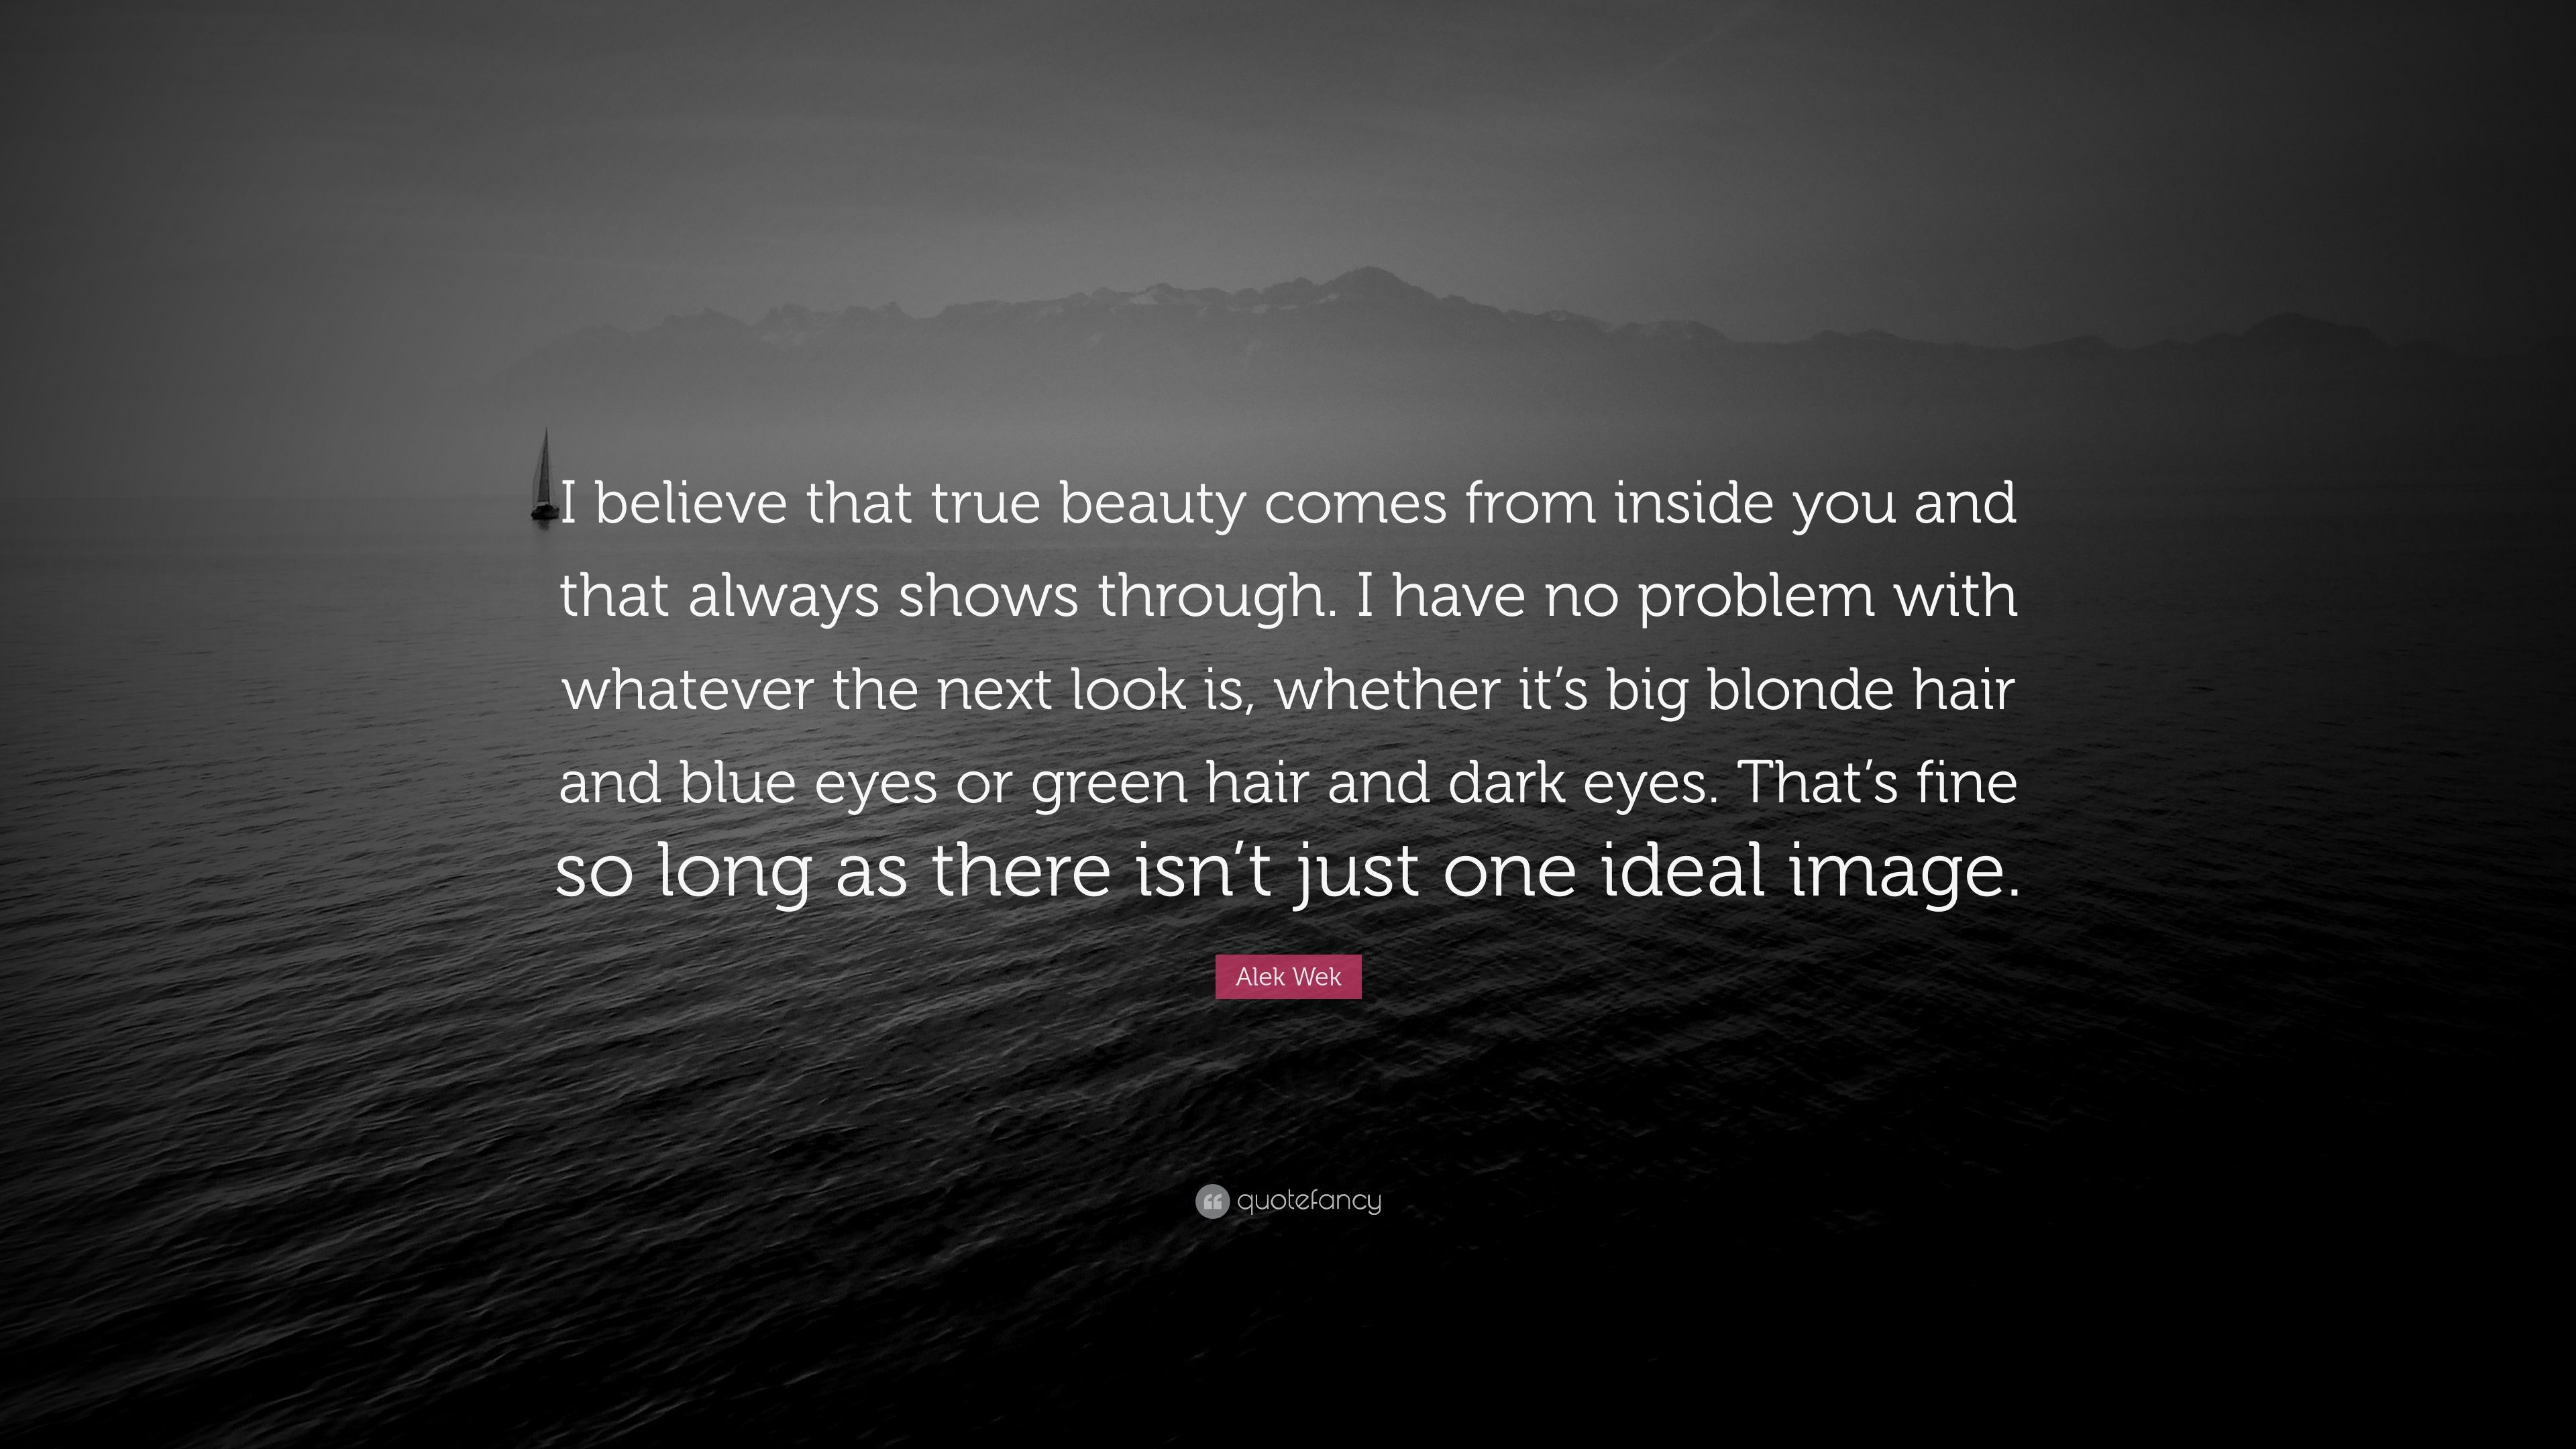 Alek wek quote i believe that true beauty comes from inside you alek wek quote i believe that true beauty comes from inside you and that sciox Choice Image